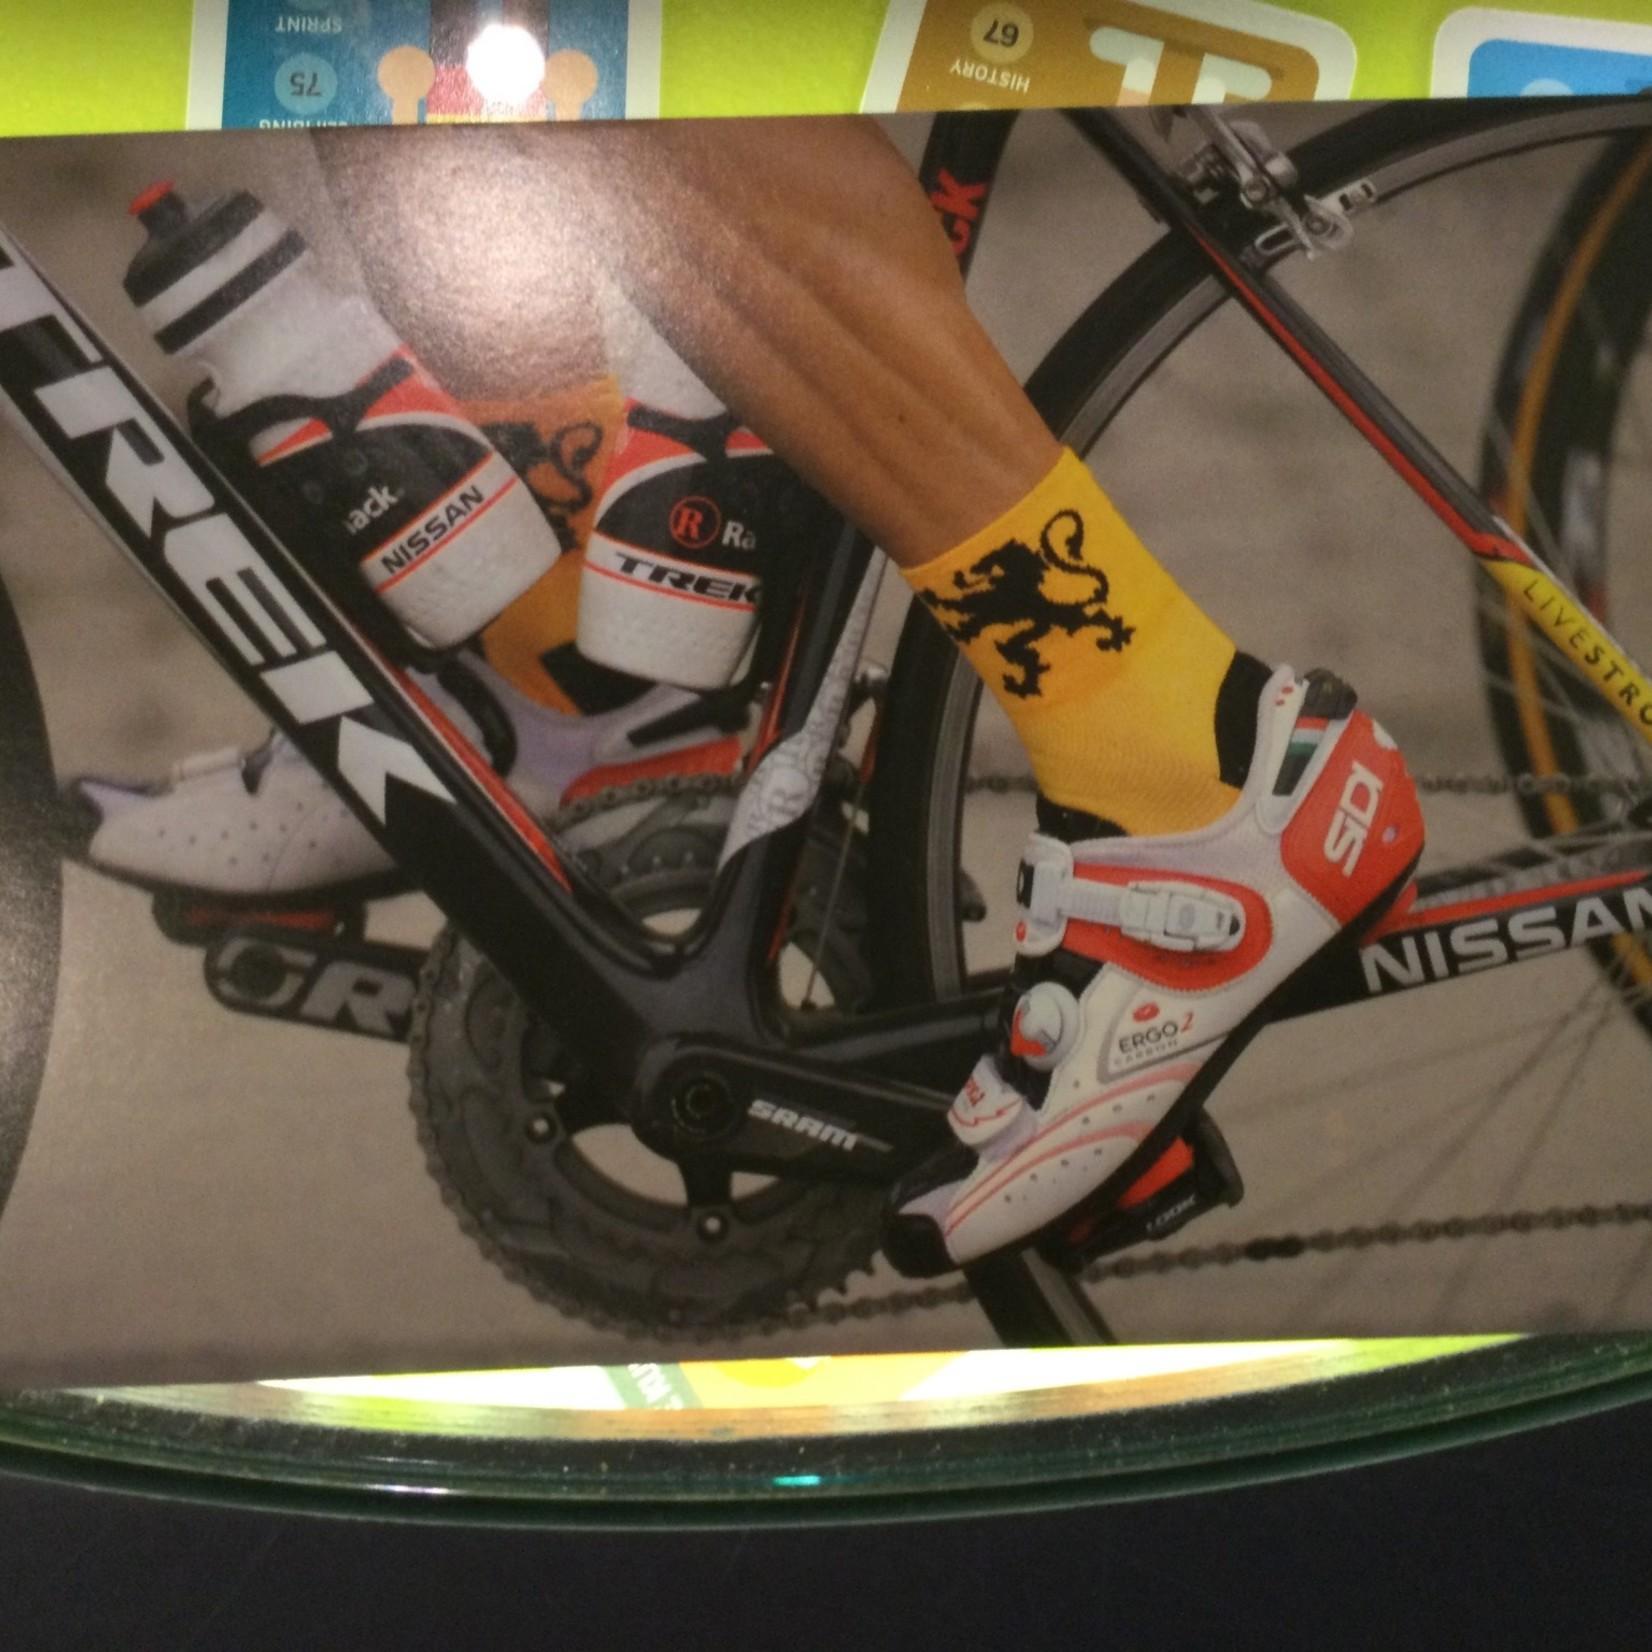 Postcard 'Ronde van Vlaanderen'